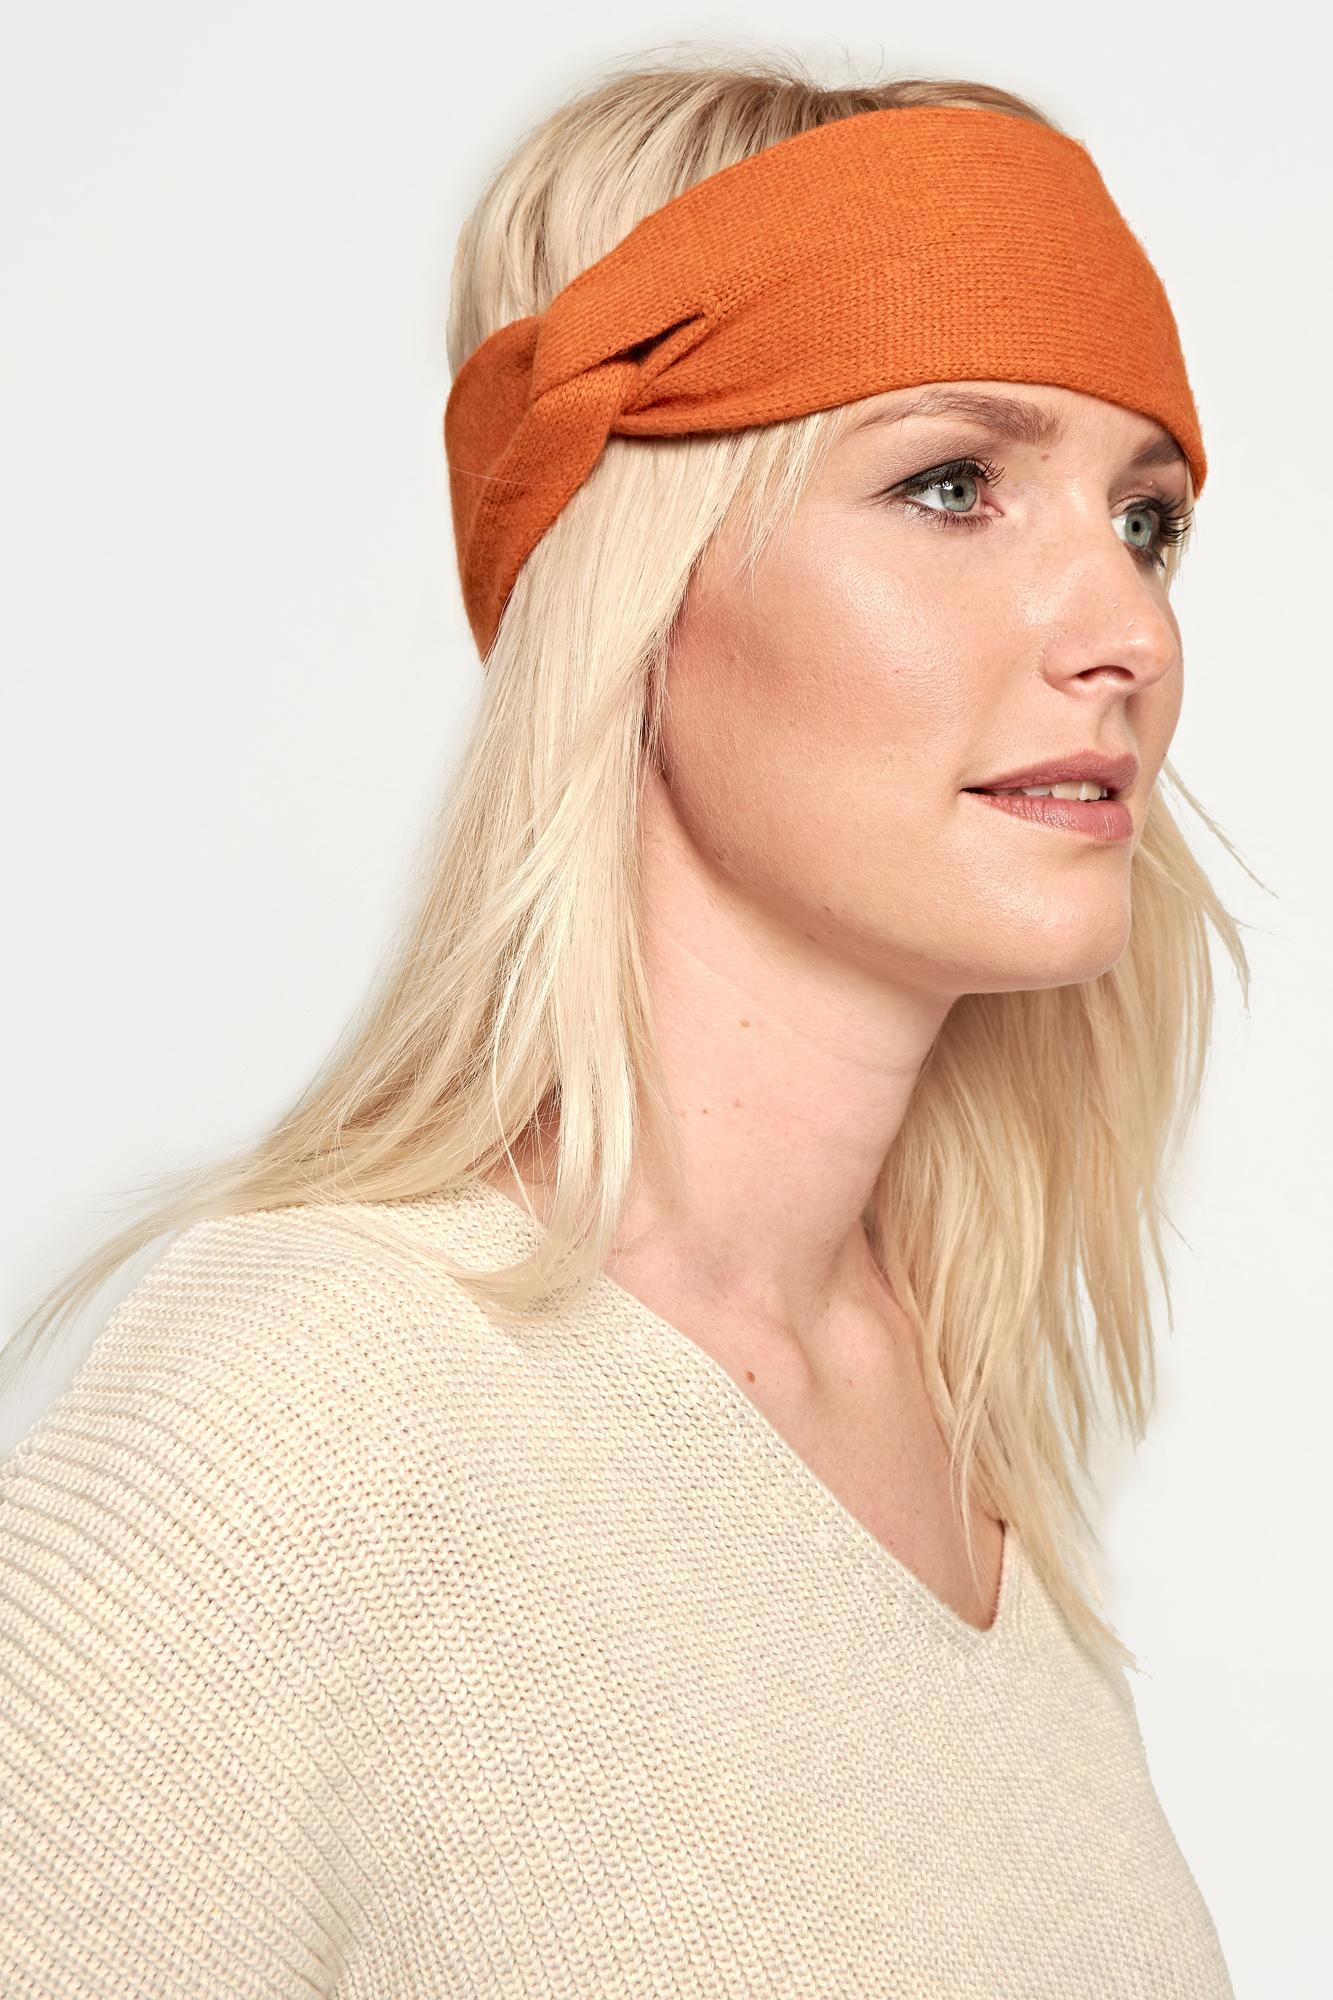 maritaa-pumpkin-headband-armedangels